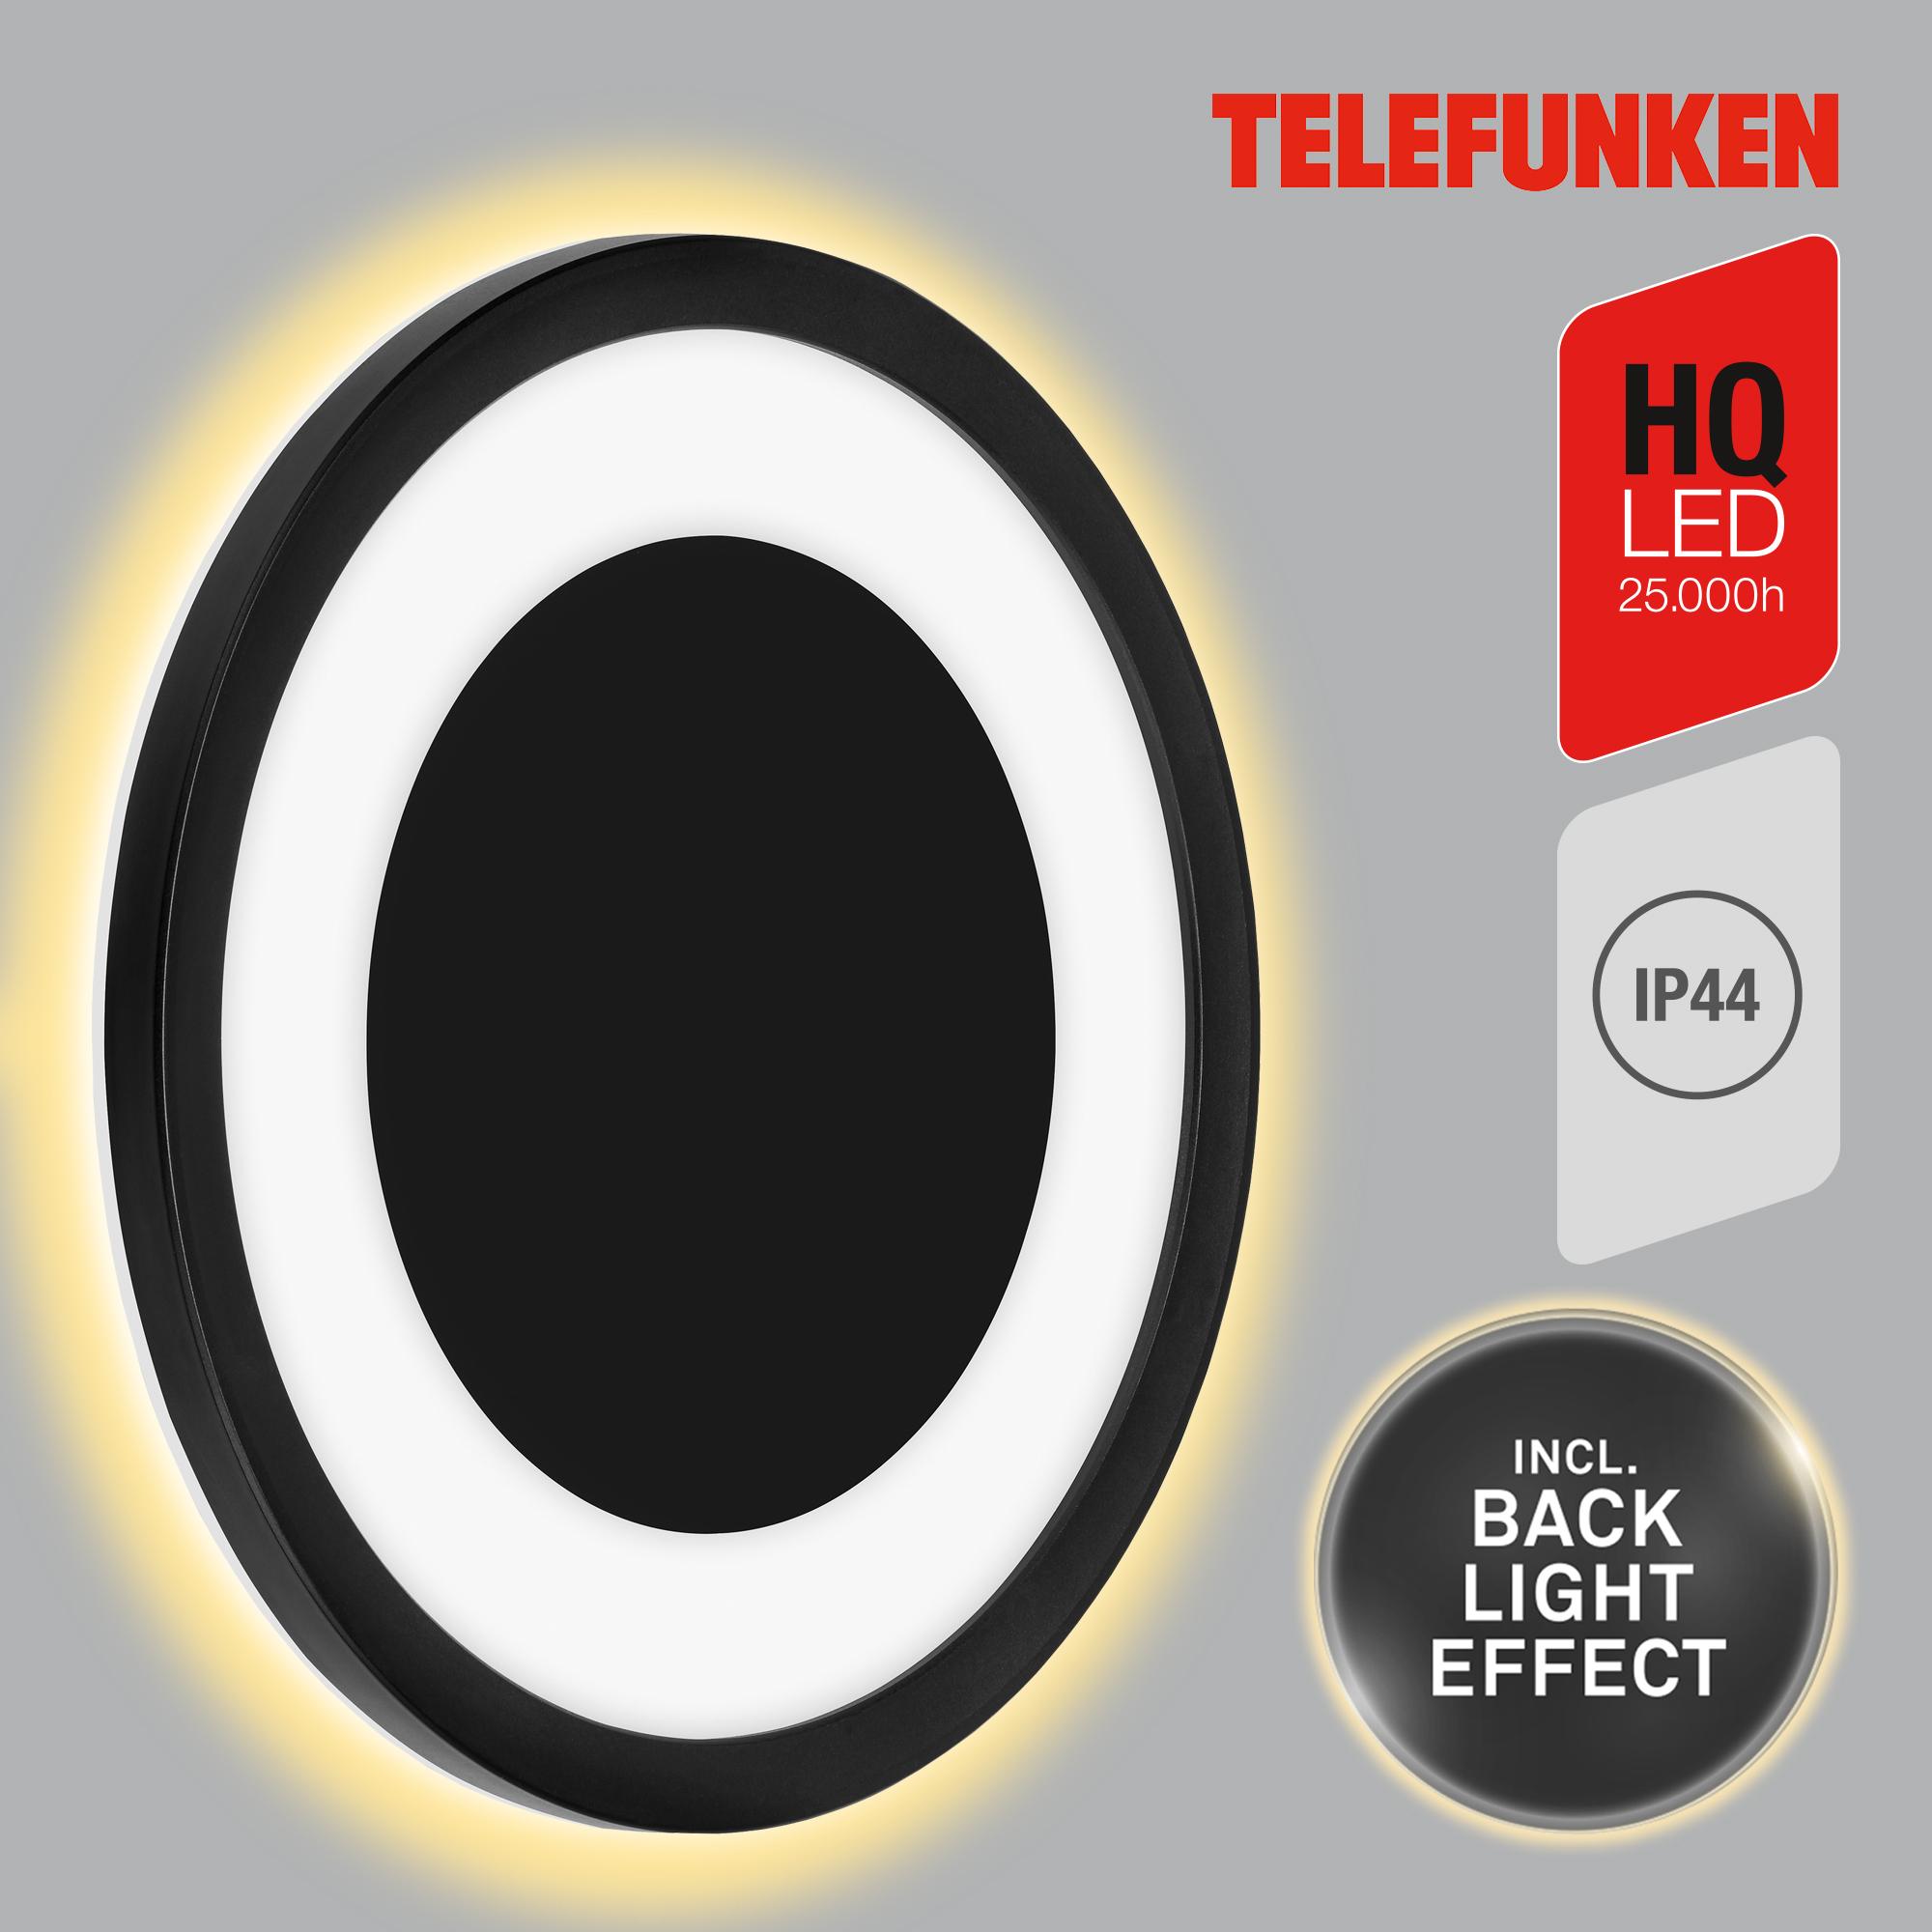 TELEFUNKEN LED Außenwandleuchte Schwarz